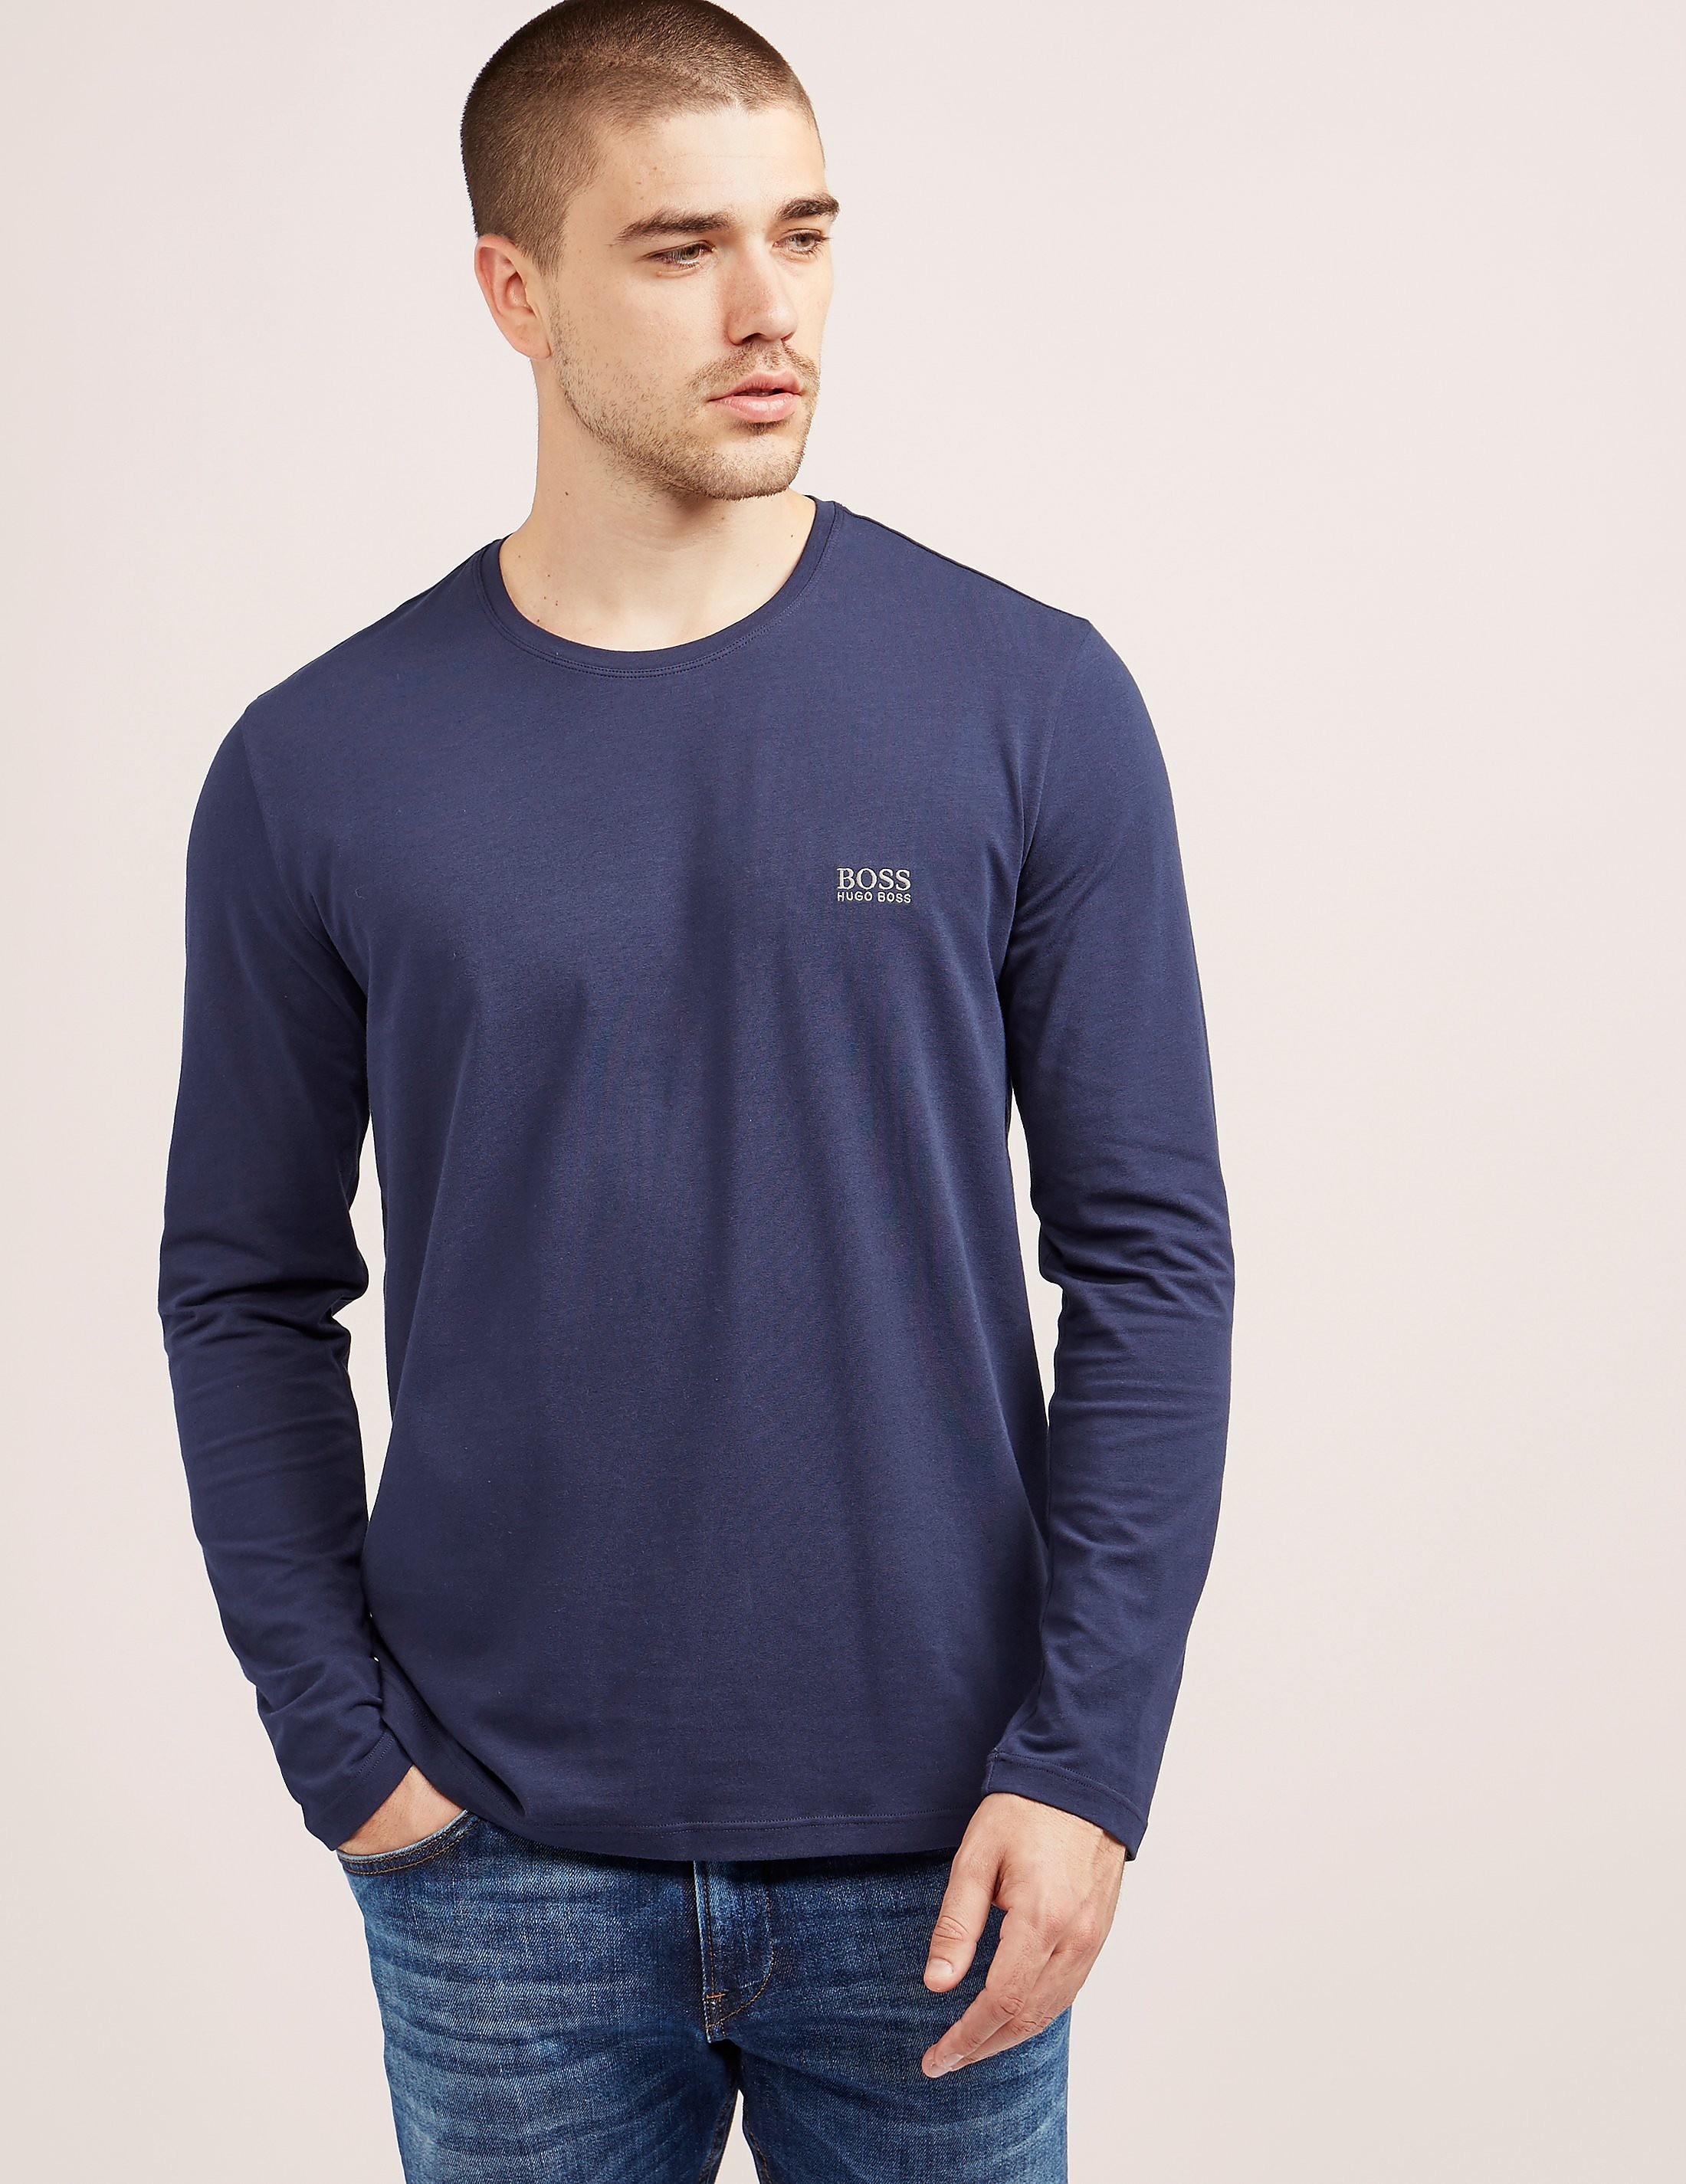 BOSS Embossed Logo Long Sleeve T-Shirt